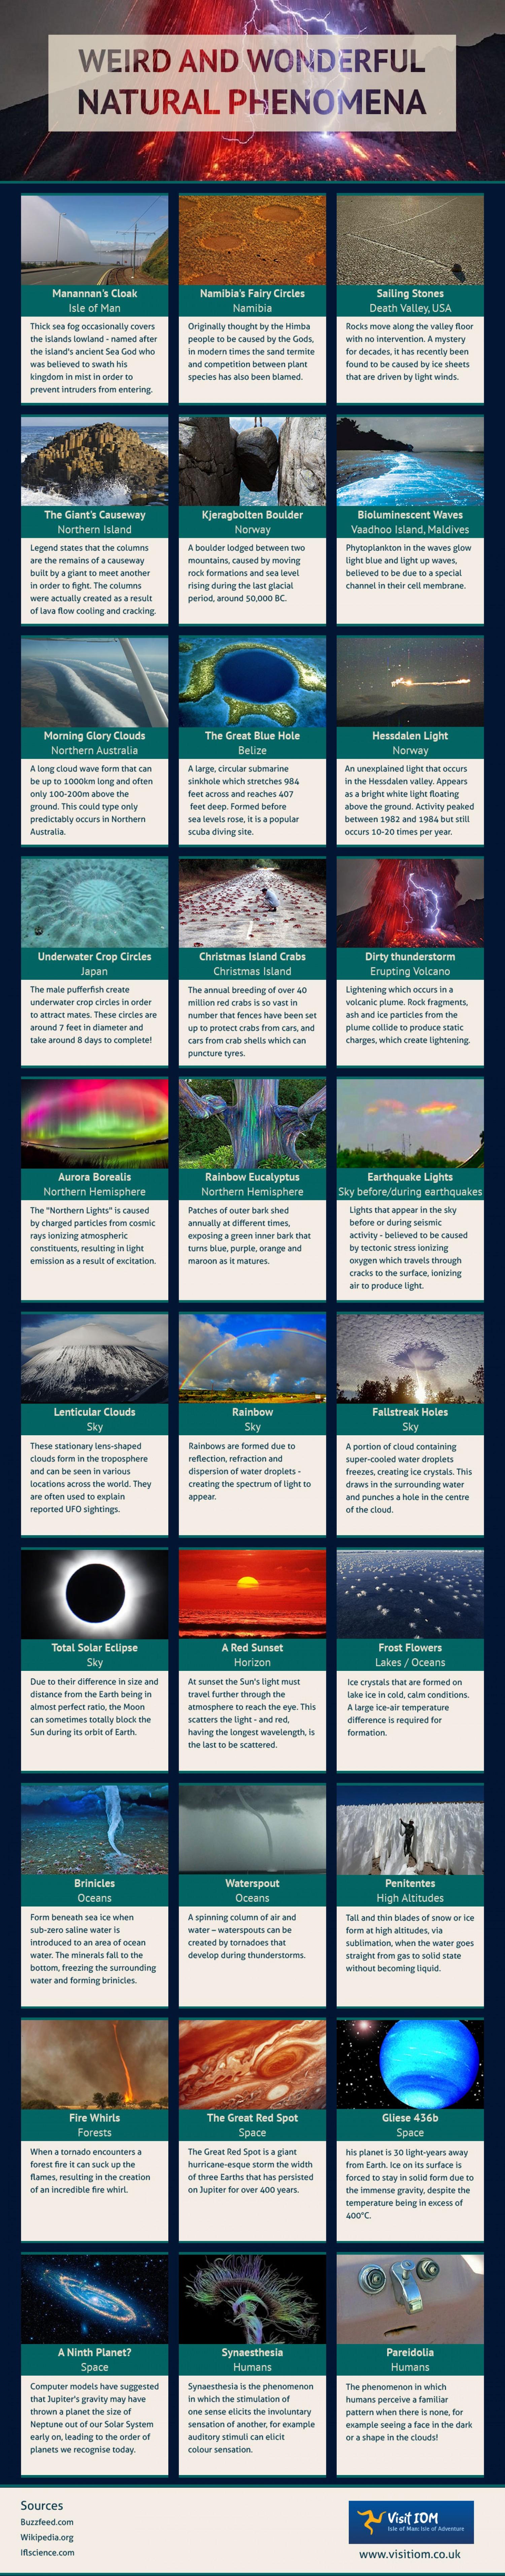 Weird and Wonderful Natural Phenomena